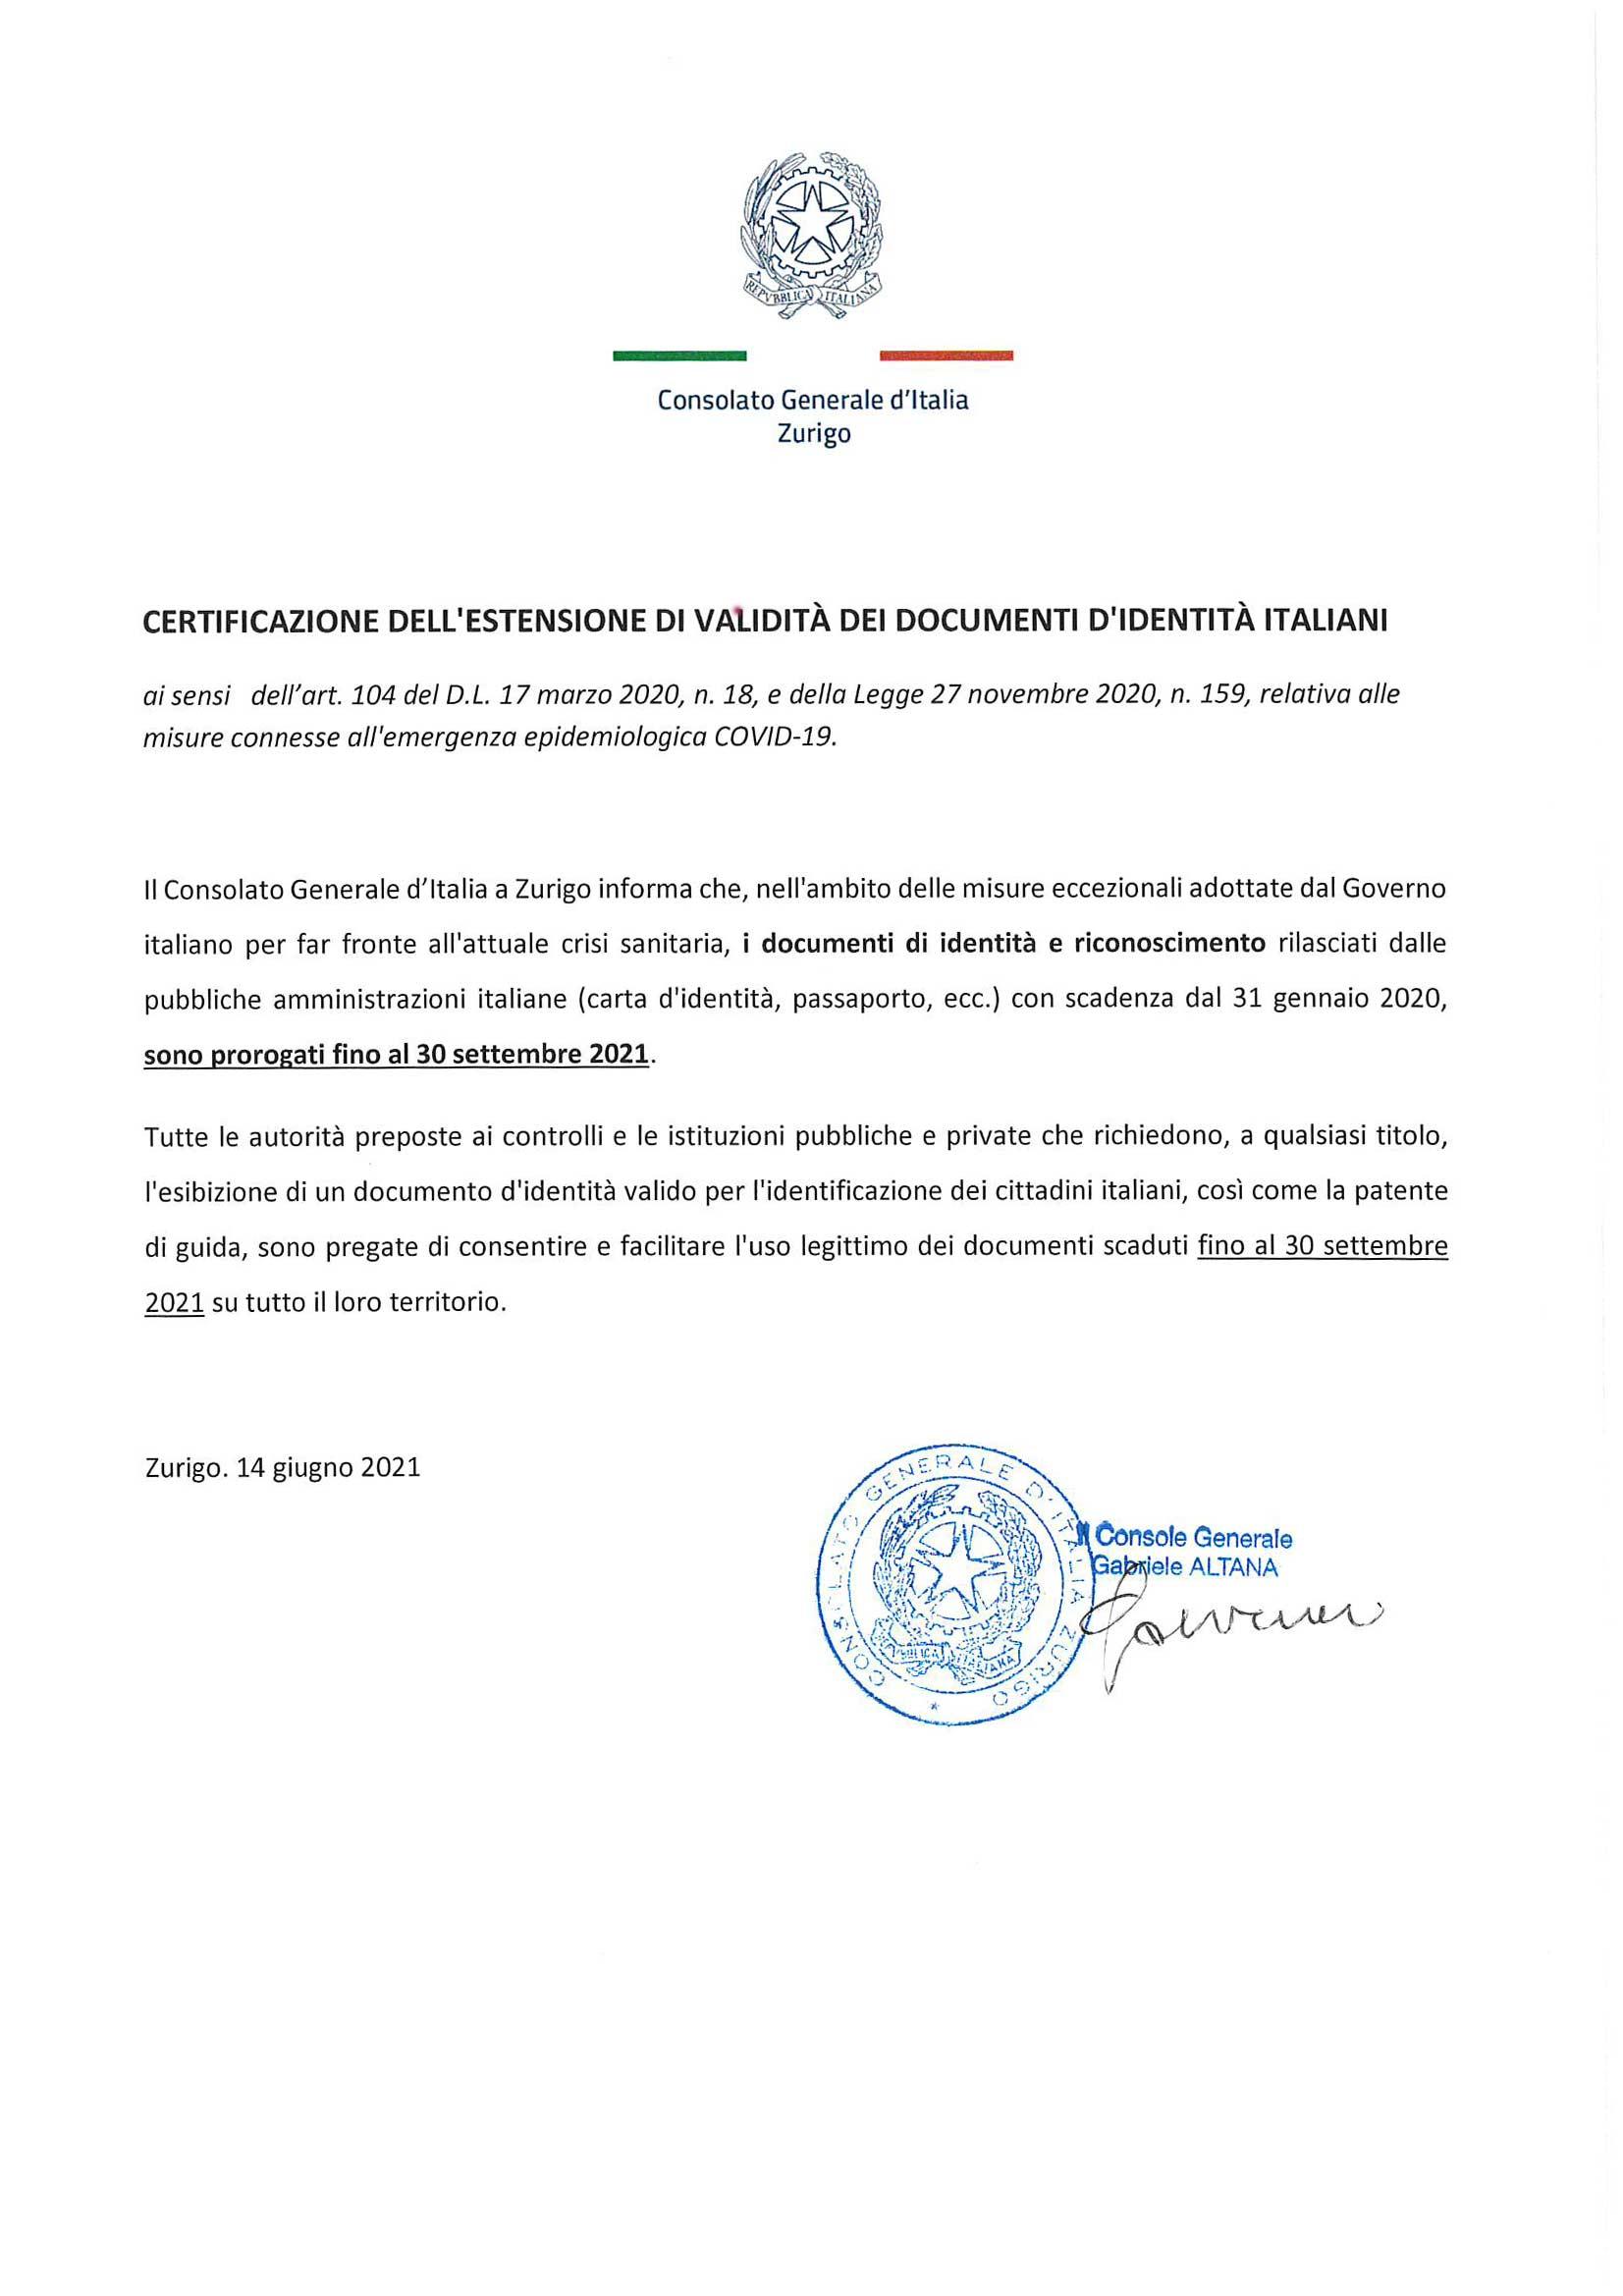 Certificazione dell'estensione di validità dei documenti d'identità italiani